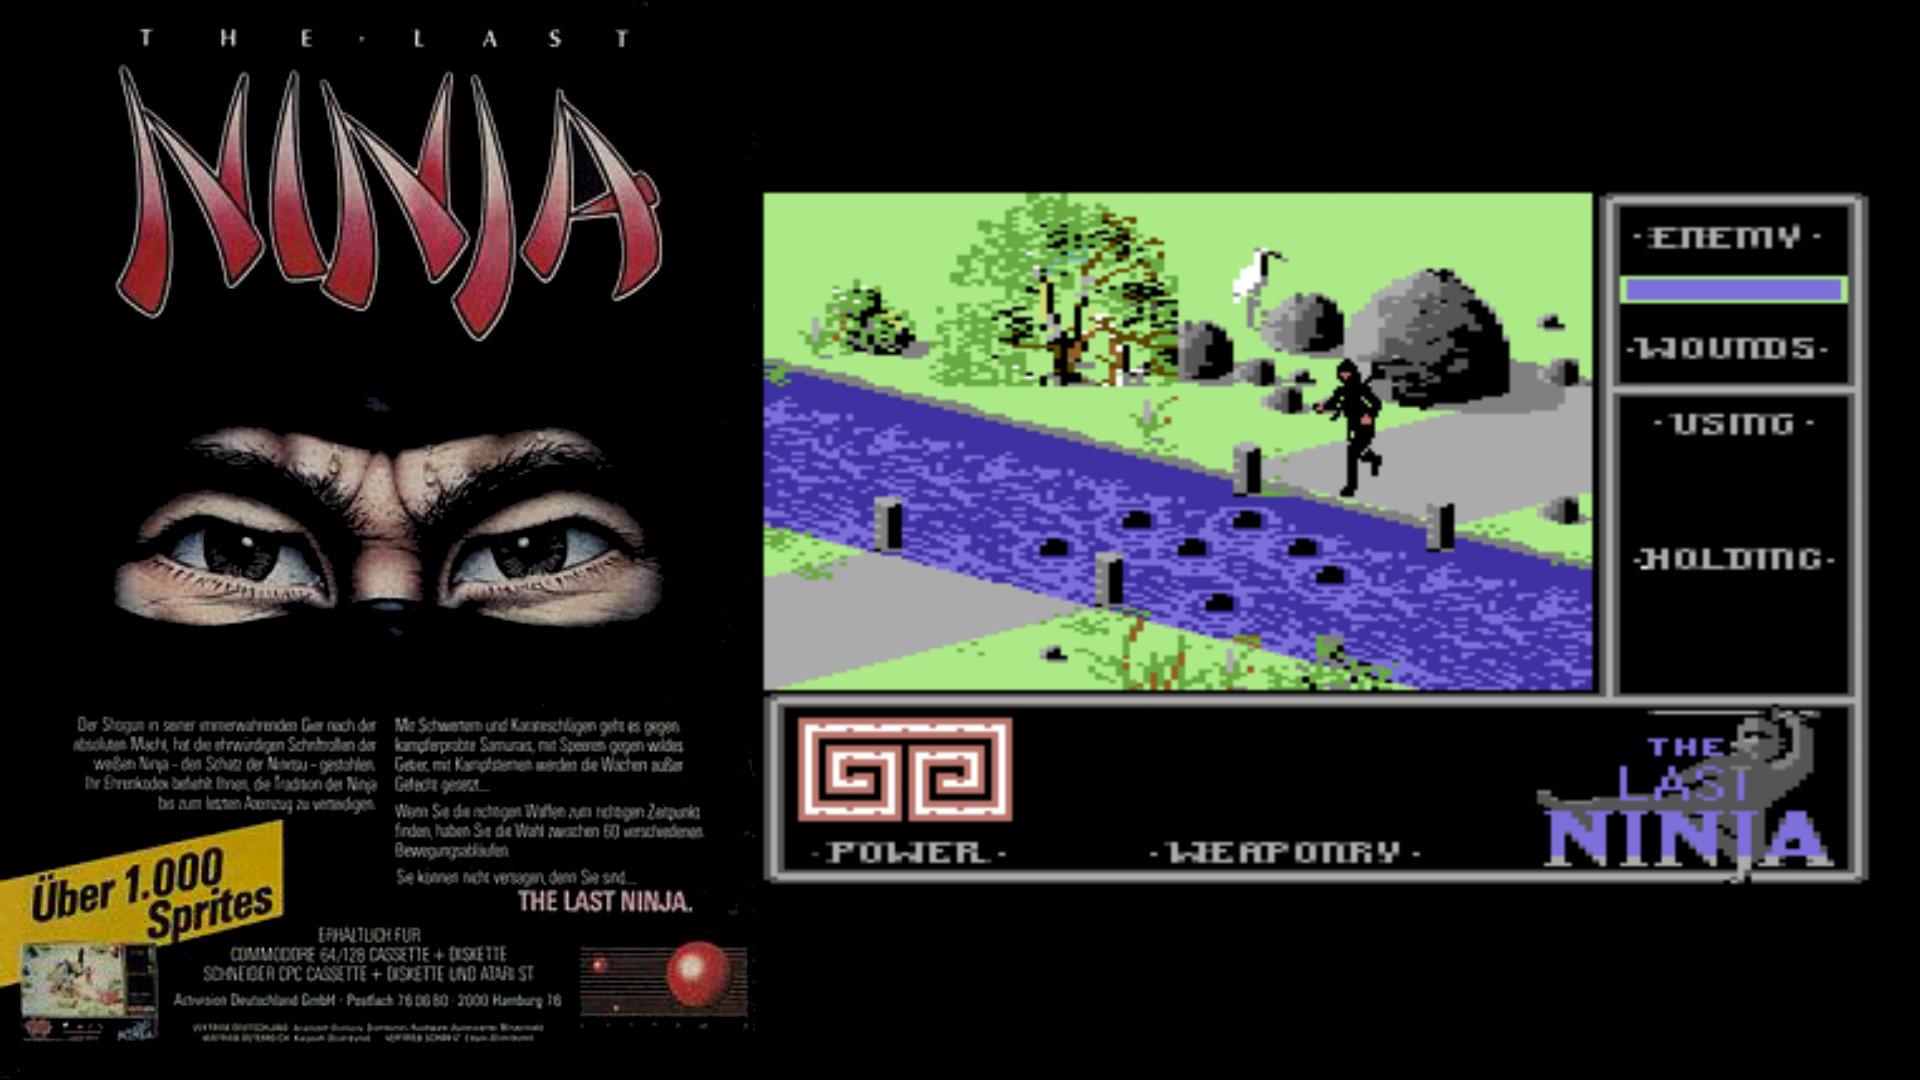 1.000 Sprites, 1.000 Tode: die überaus auffällige Vermarktung von The Last Ninja war ein Vorbote moderner narrativer Spiele - und 1.000 Frusterlebnisse, denn ohne Speicherfunktion und gewitzte, pixelgenaue Hüpfkunststücke wurde aus dem letzten Ninja ein Beitrag zur Dunkelziffer fordernder Spiele. (Bild: Andreas Wanda)